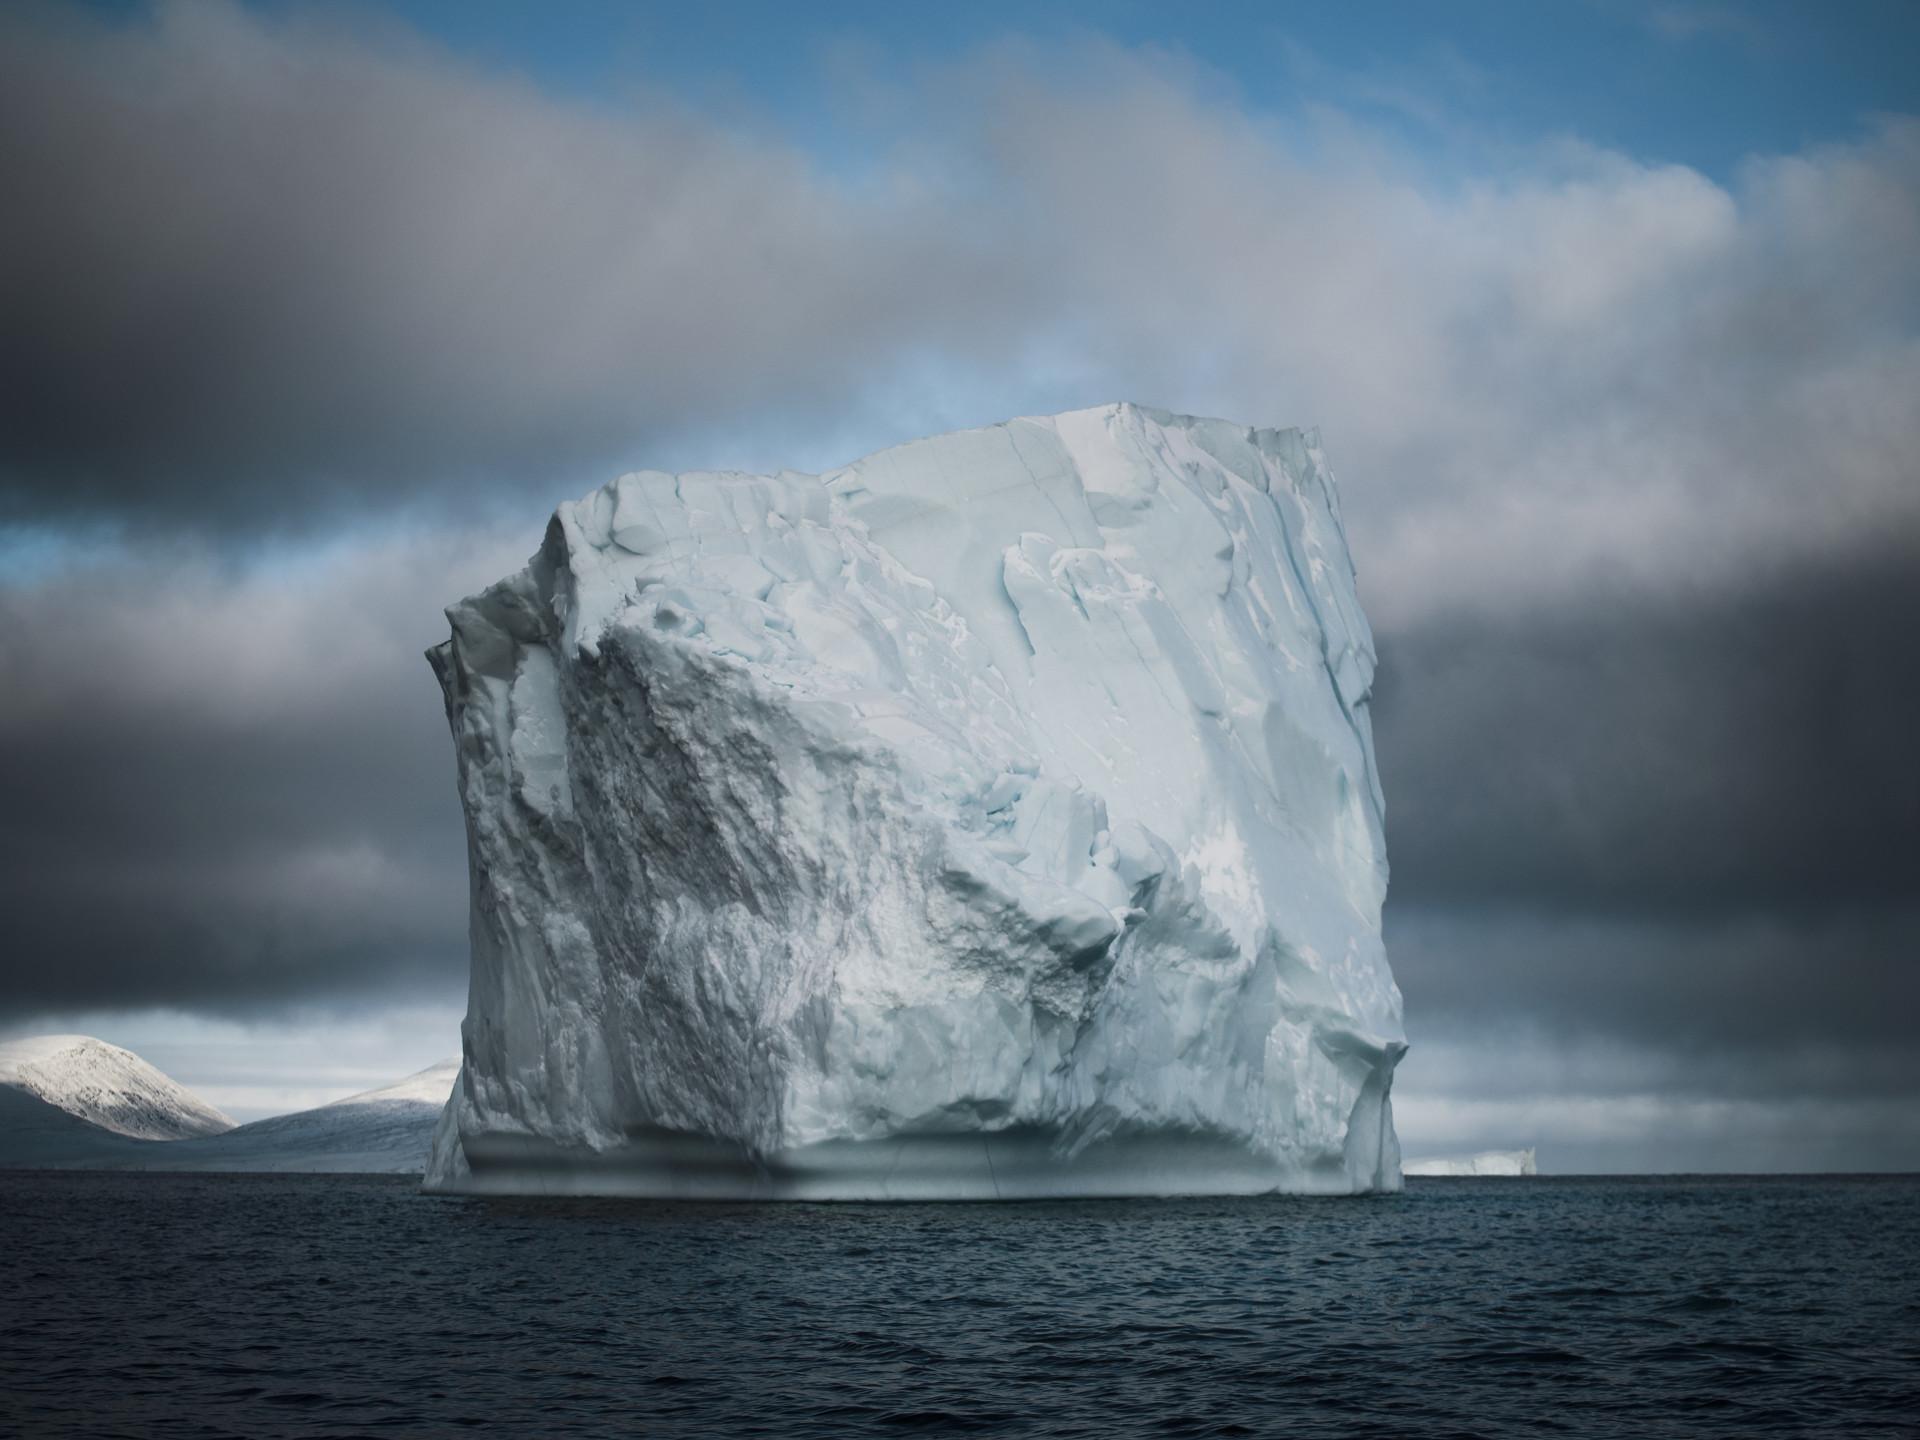 Iceberg in Clyde River, Canada. Photo: Camilla Andersen/ Nordiska museet